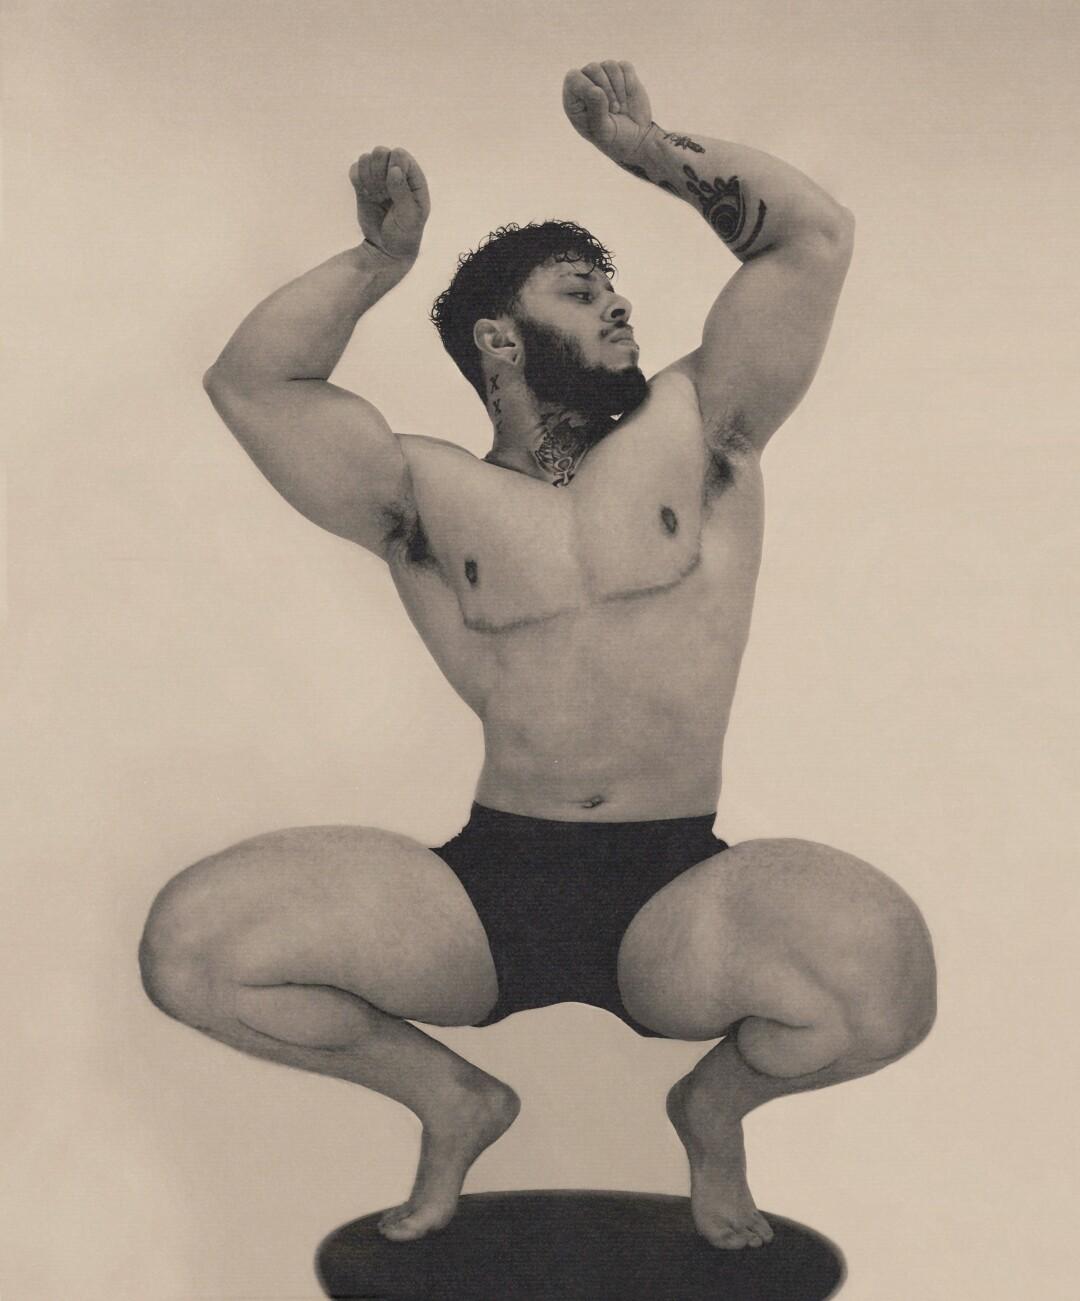 Bodybuilder Ajay Holbrook